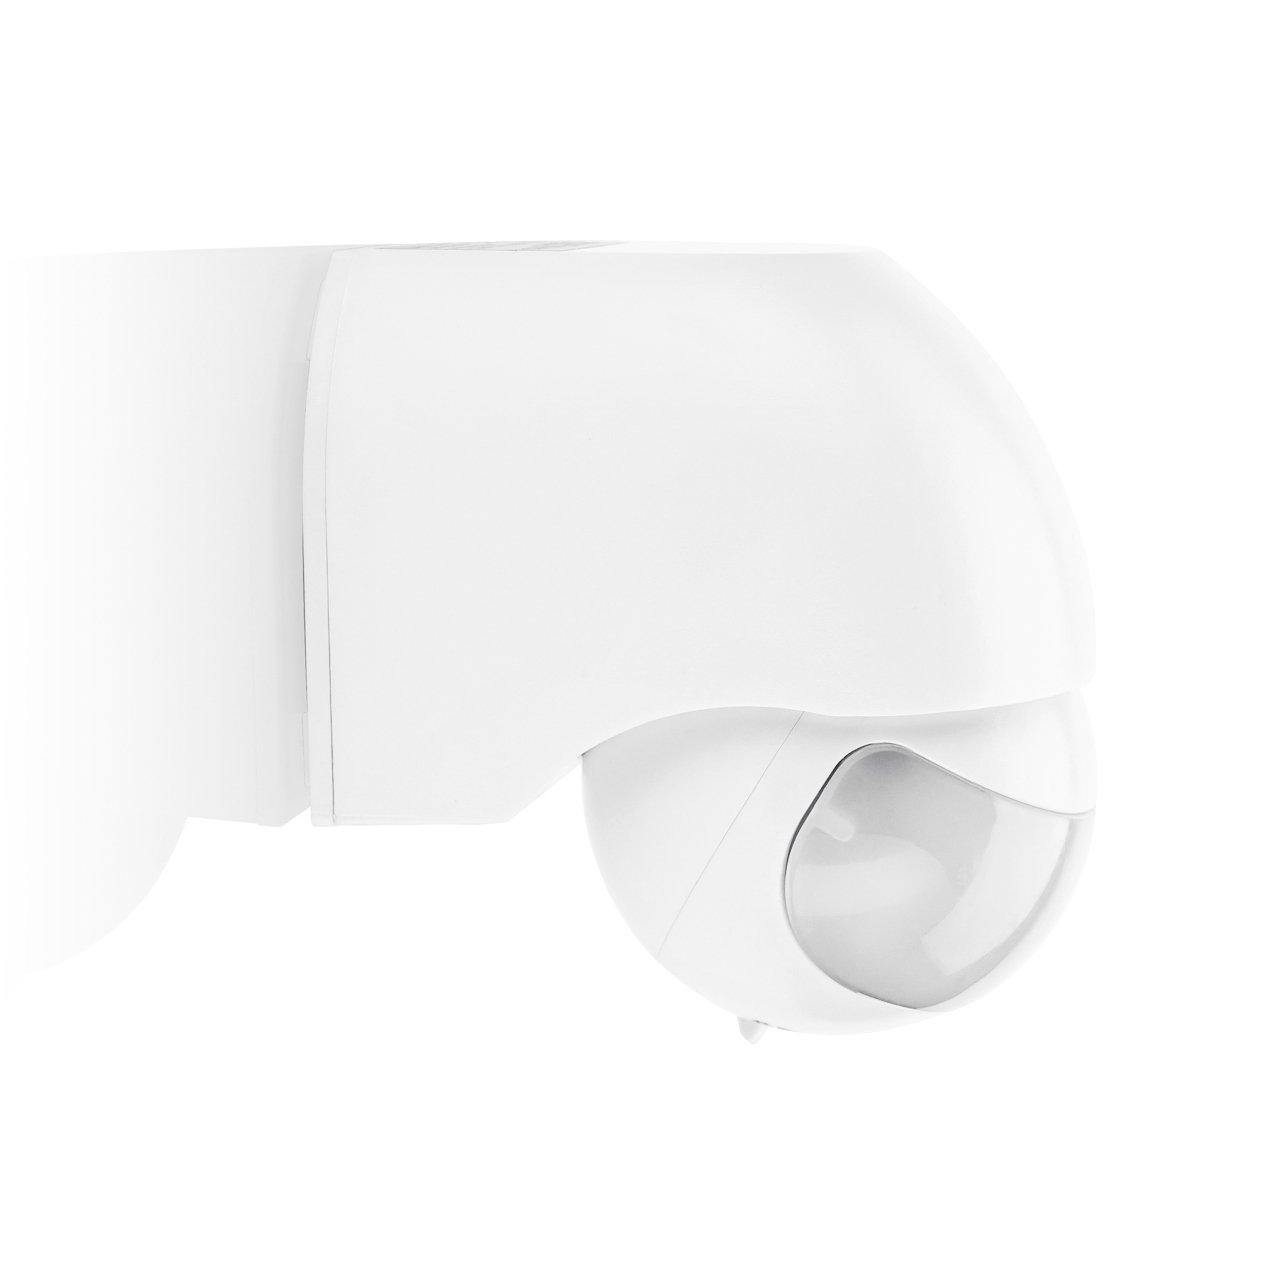 Detector de movimiento, 180° , má x. 12 m, color blanco, ajustable vertical y horizontalmente, IP44 (para interiores y exteriores) [LX40 blanco] JVS-Handel